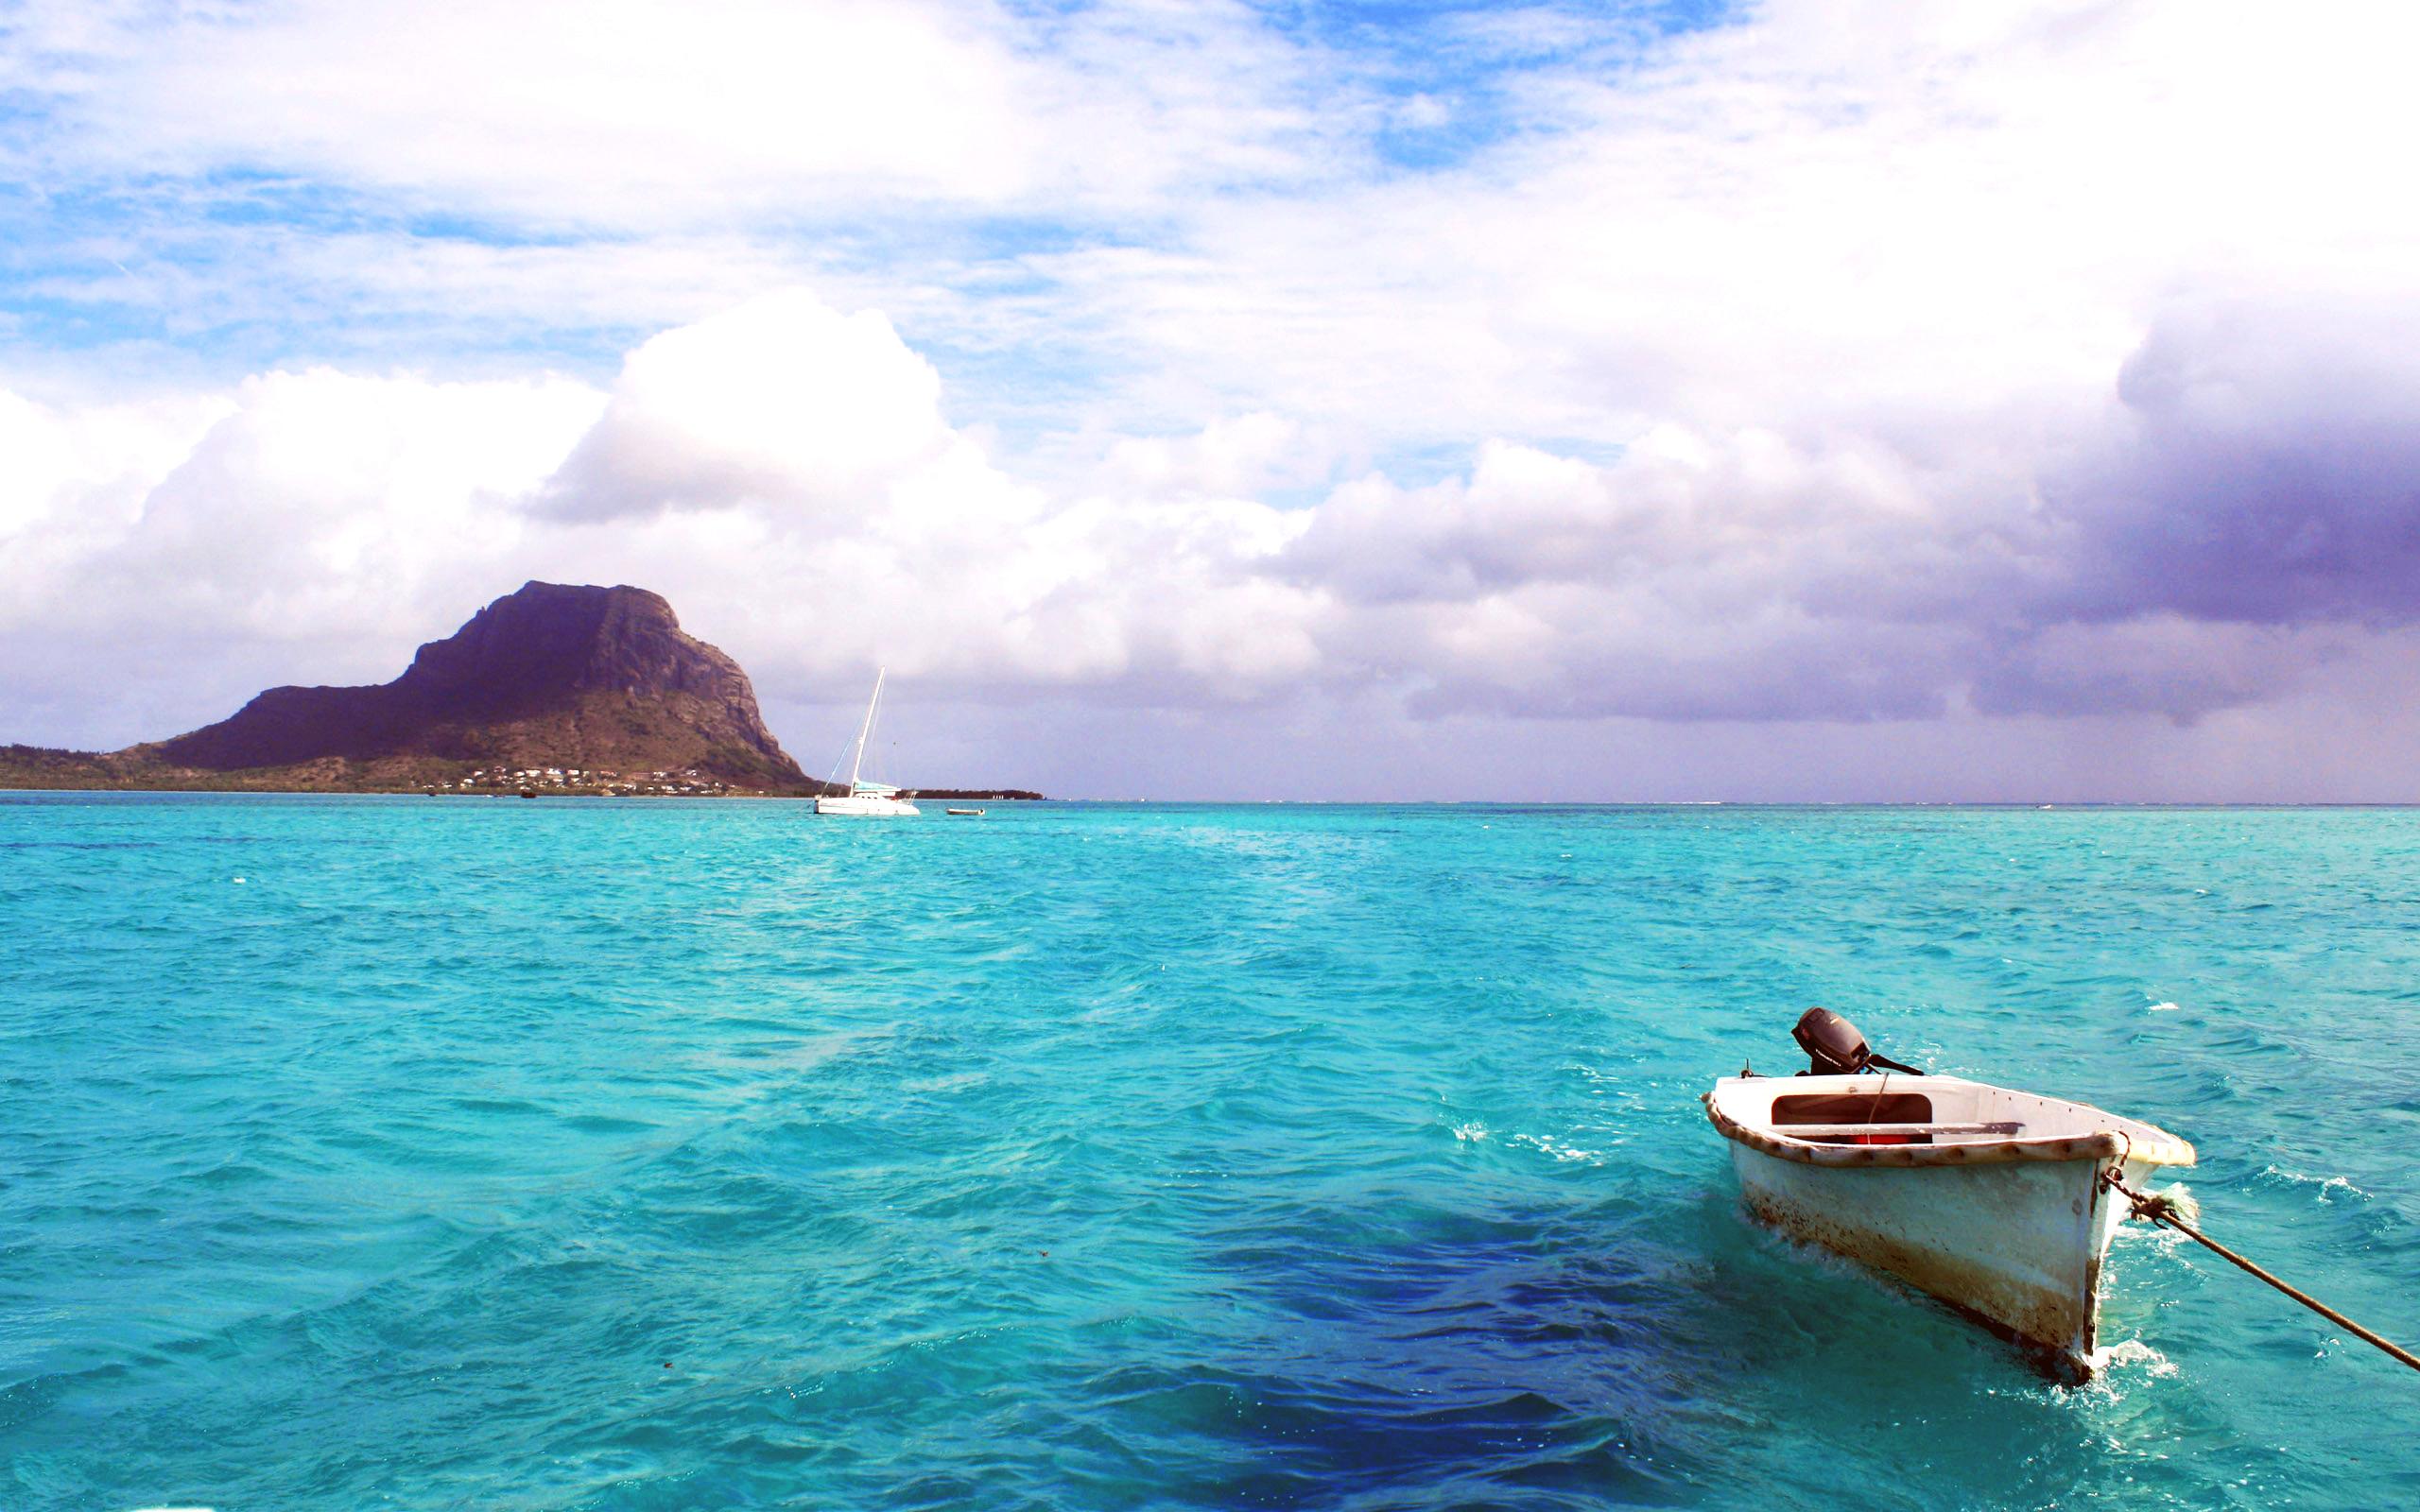 море, остров, лодка